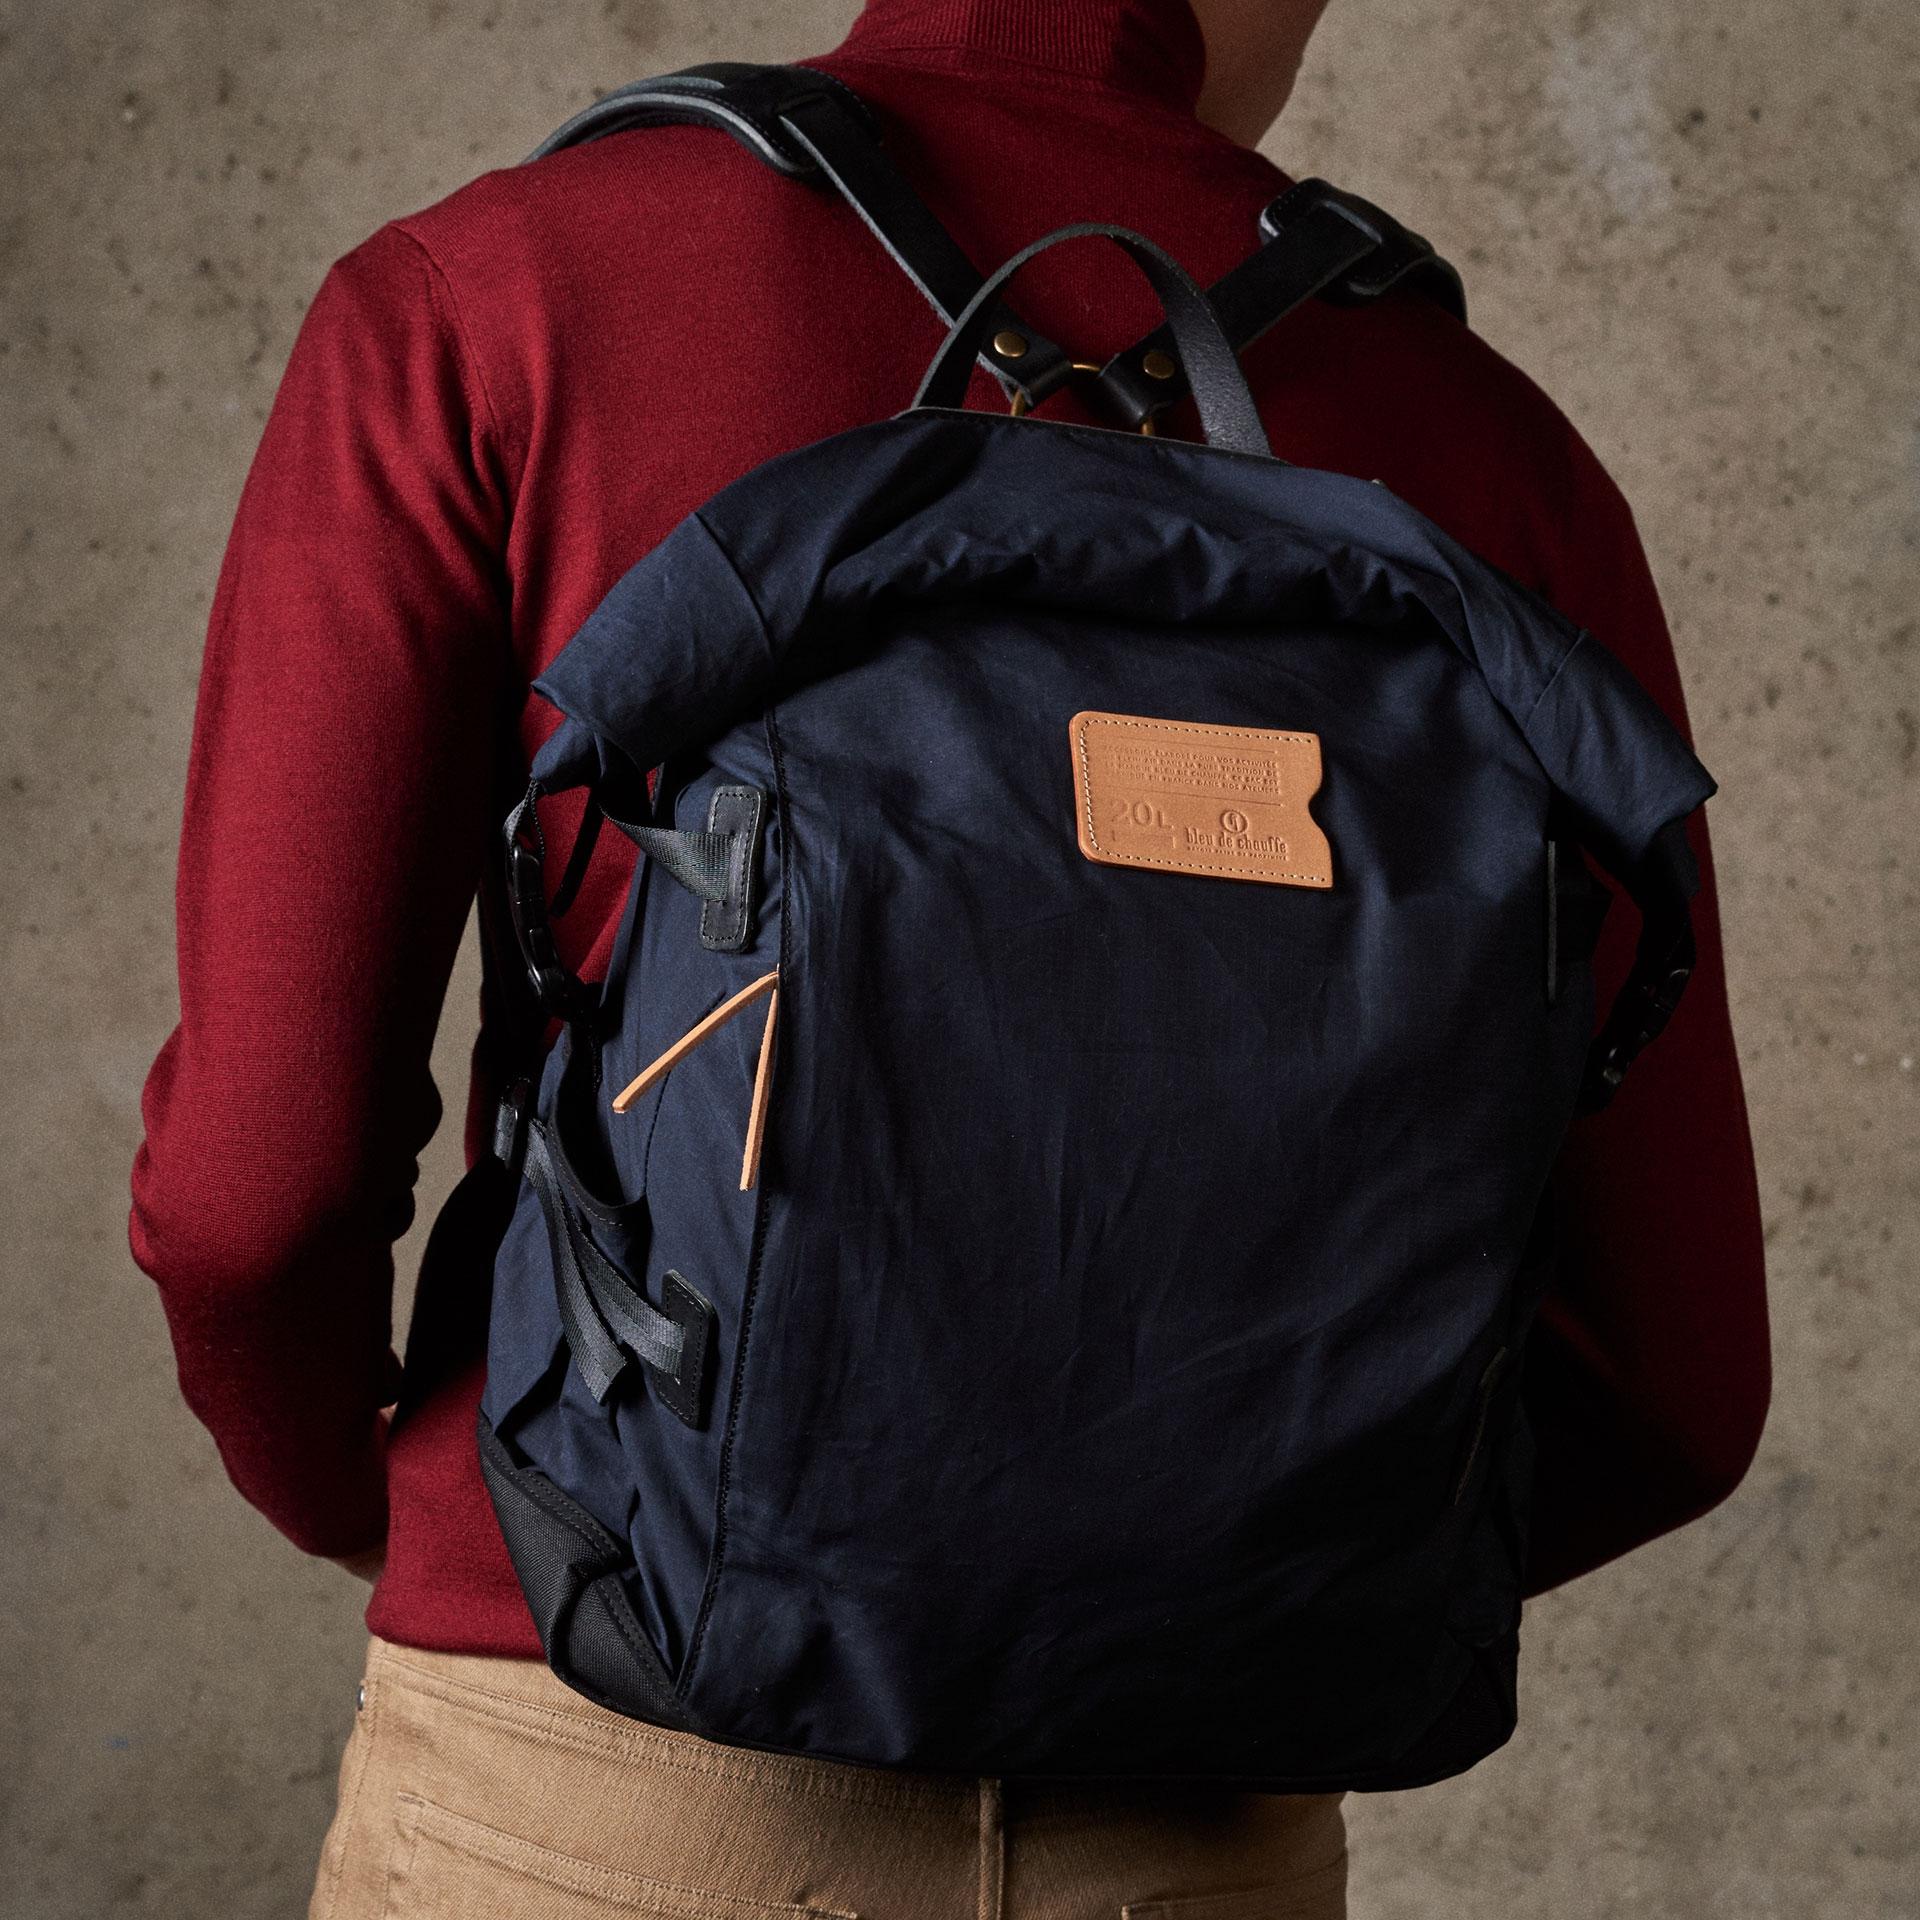 20L Basile Backpack - Hague Blue (image n°5)